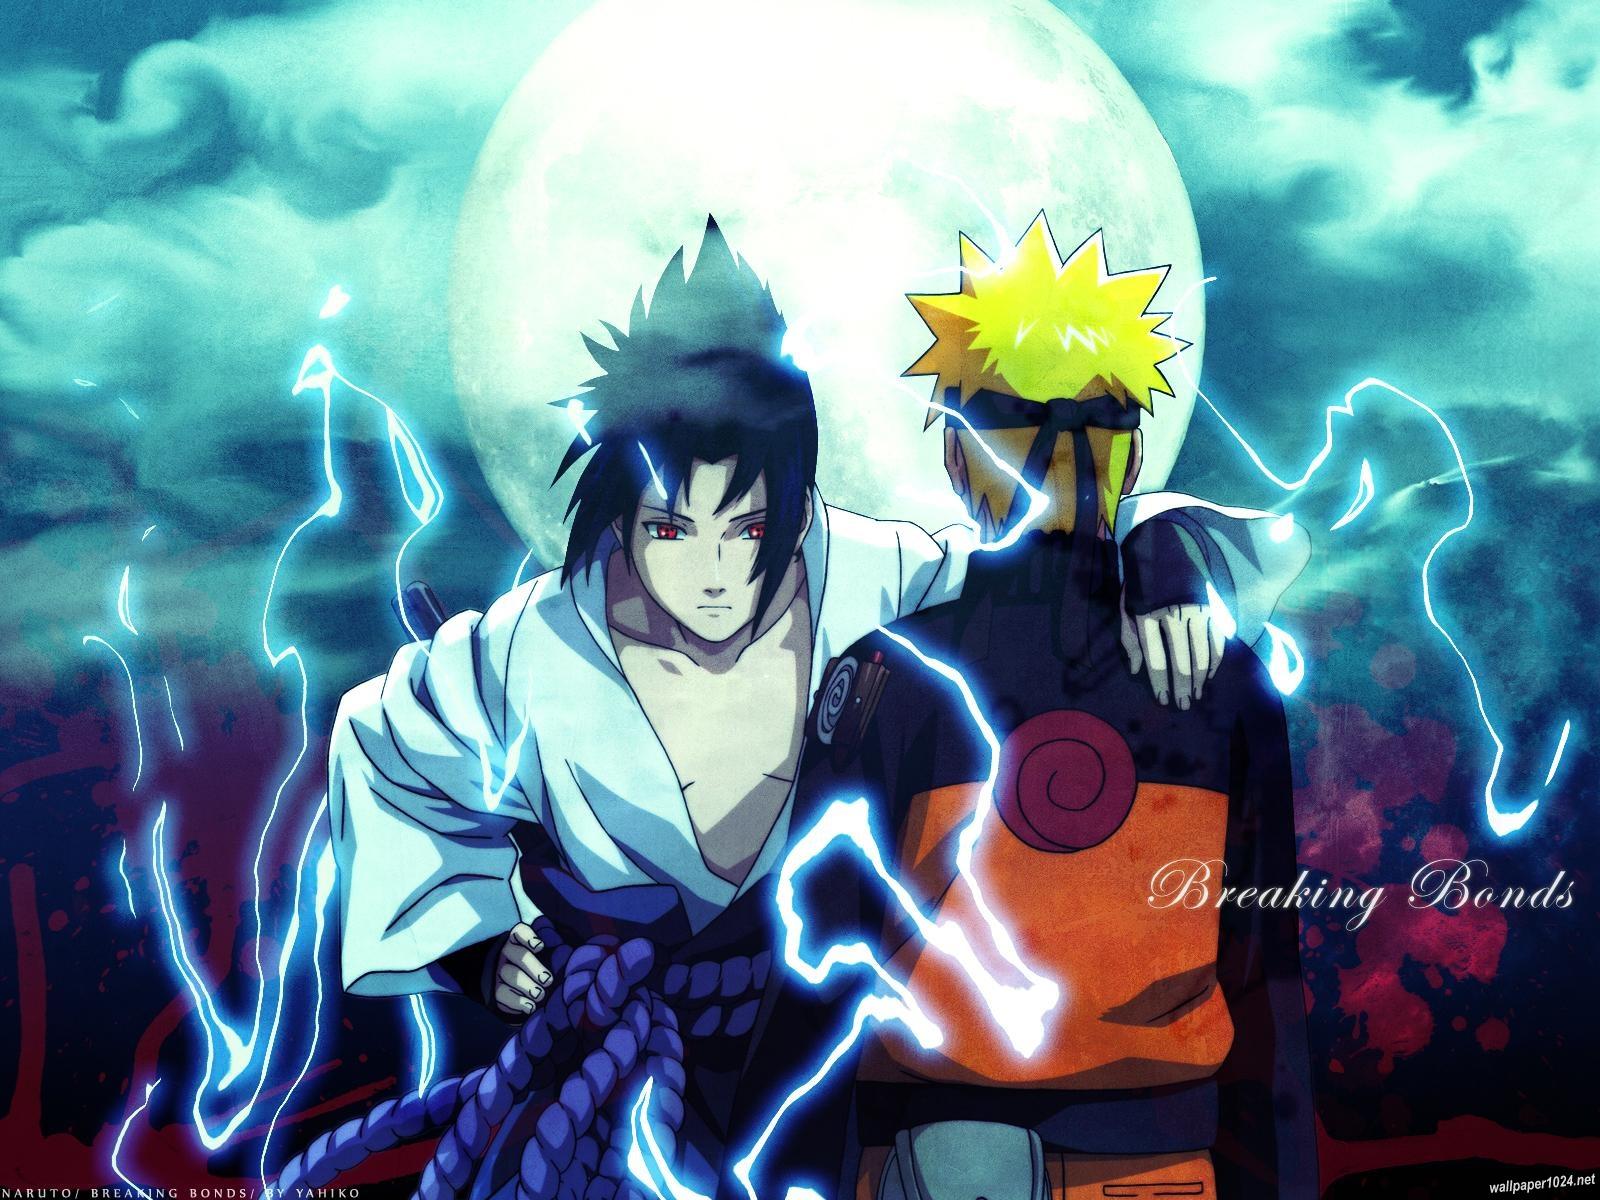 http://3.bp.blogspot.com/-oQAnKMEl1h8/UFlA5zUUo-I/AAAAAAAAAYo/SLKz_Hh_X3M/s1600/Naruto+%252823%2529.jpg